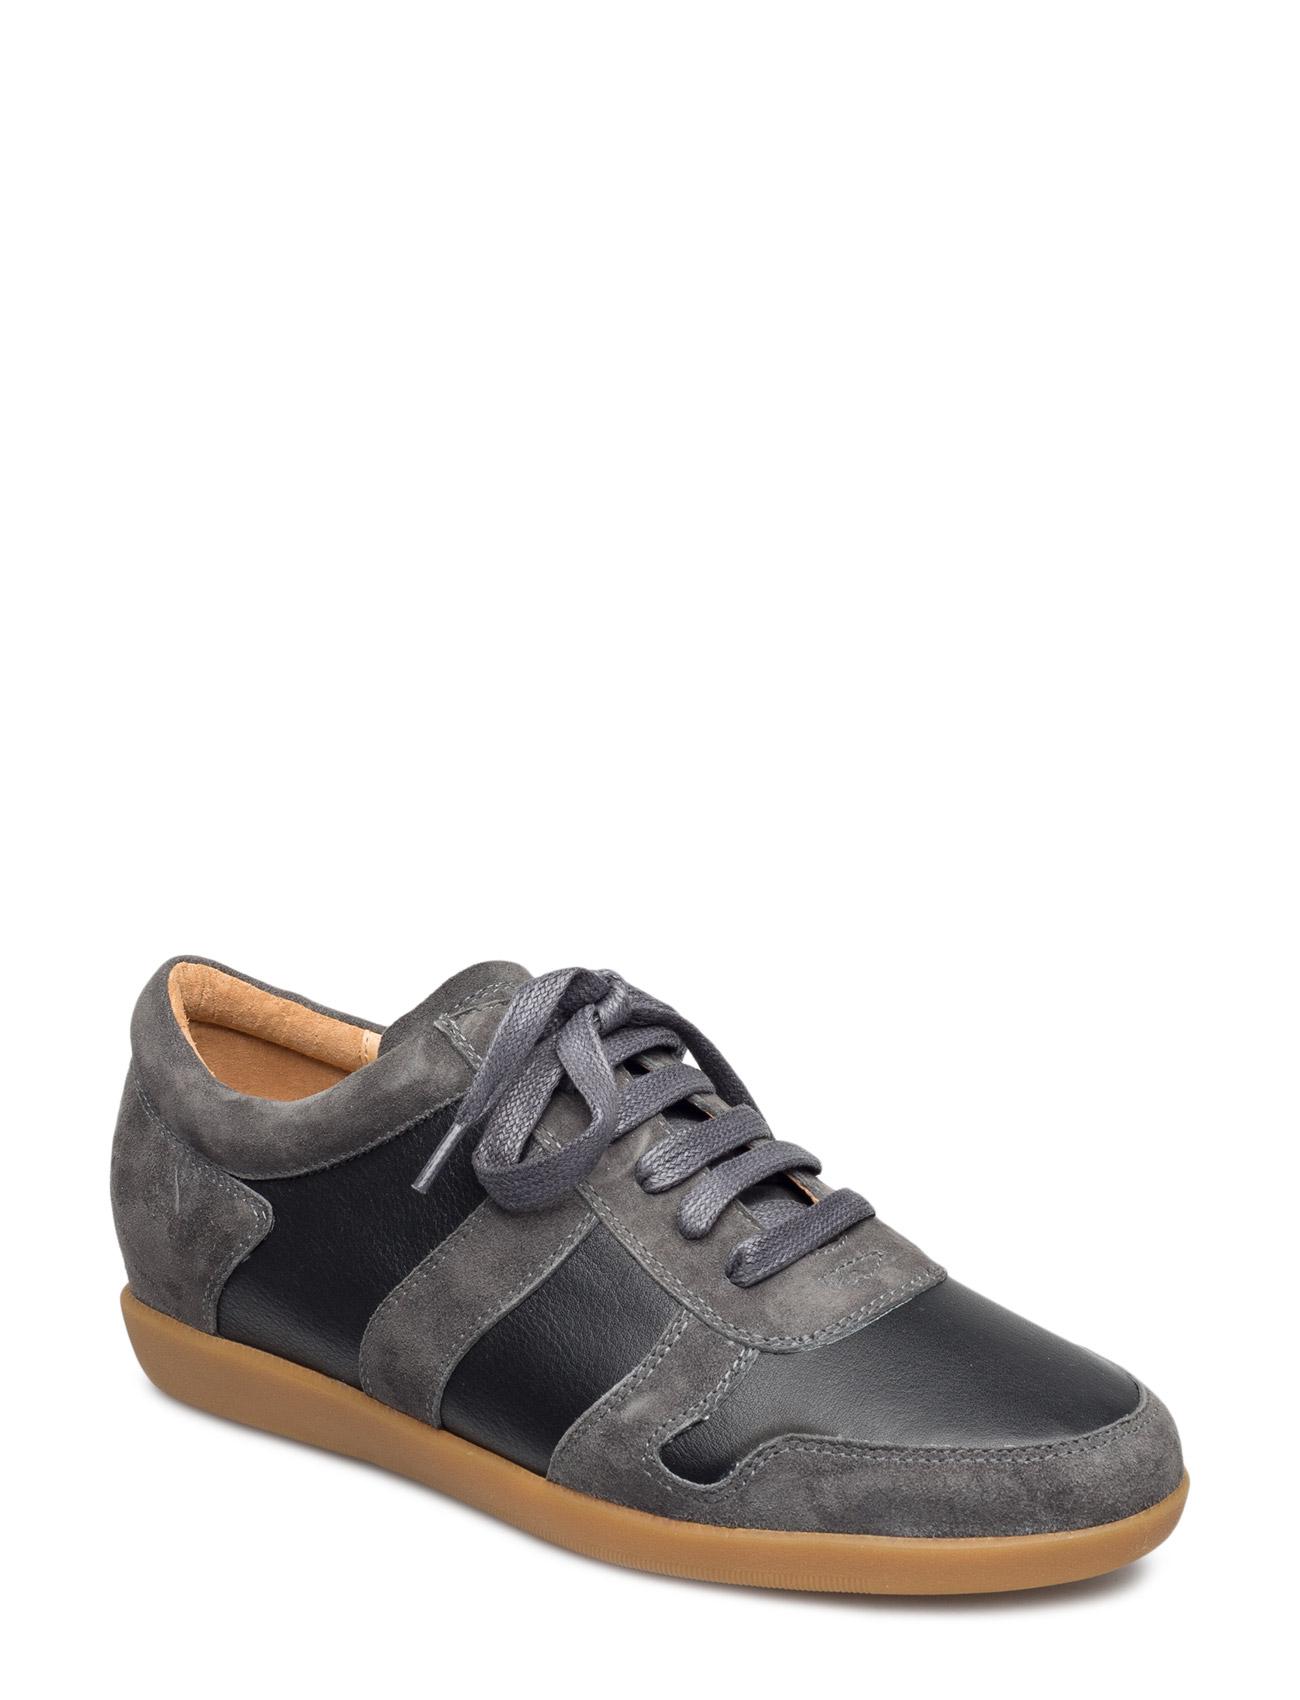 Charlie Black Shoe The Bear Sneakers til Kvinder i Sort